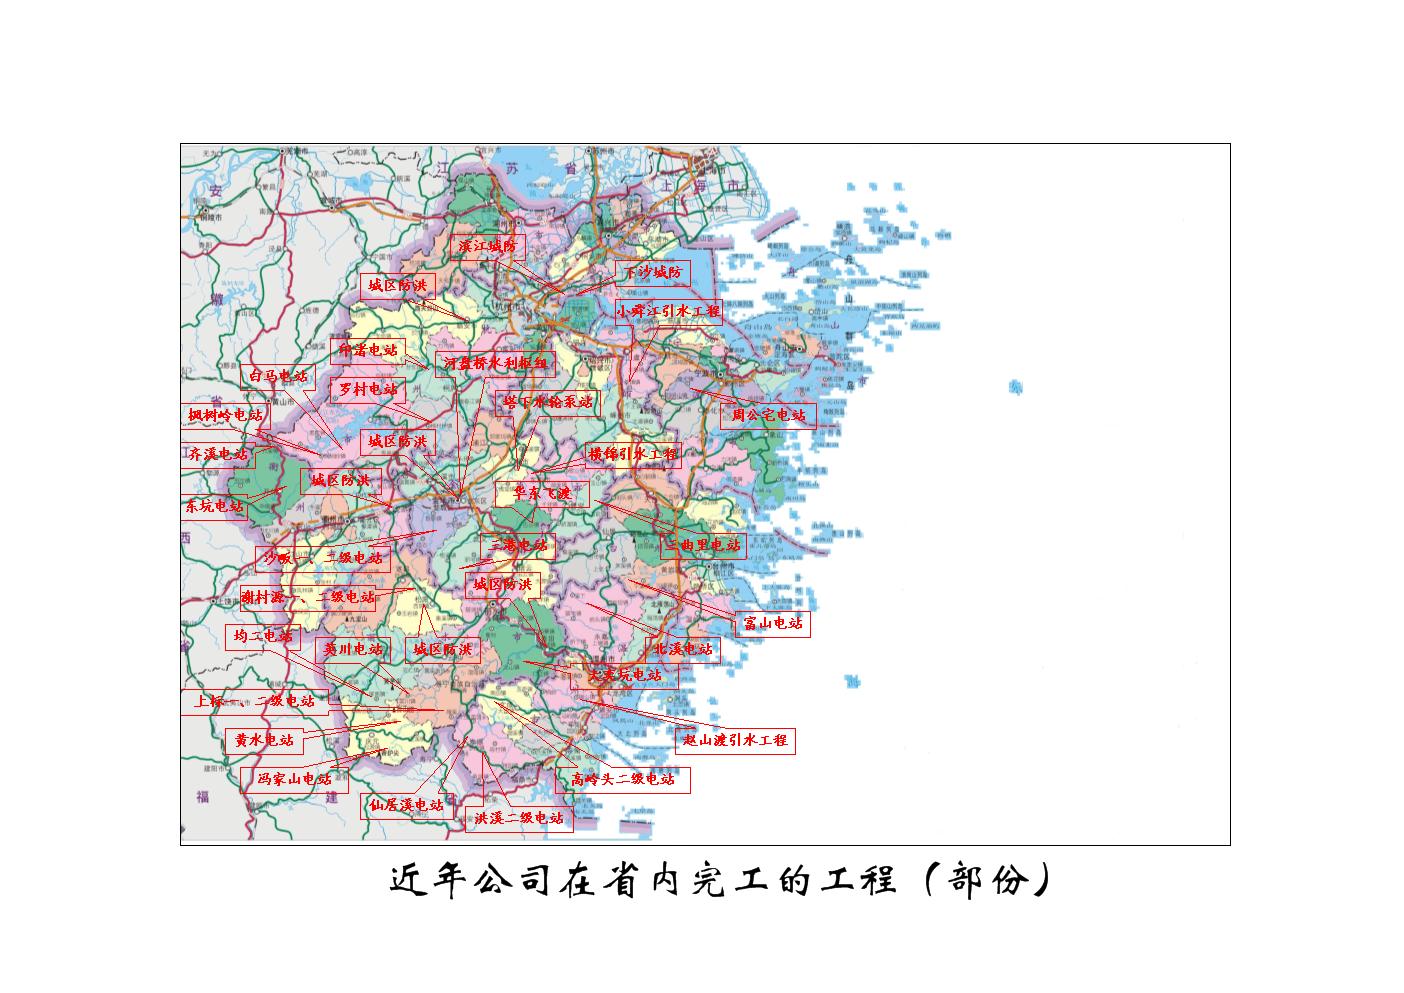 省内已完工工程示意图(部分)A4.doc